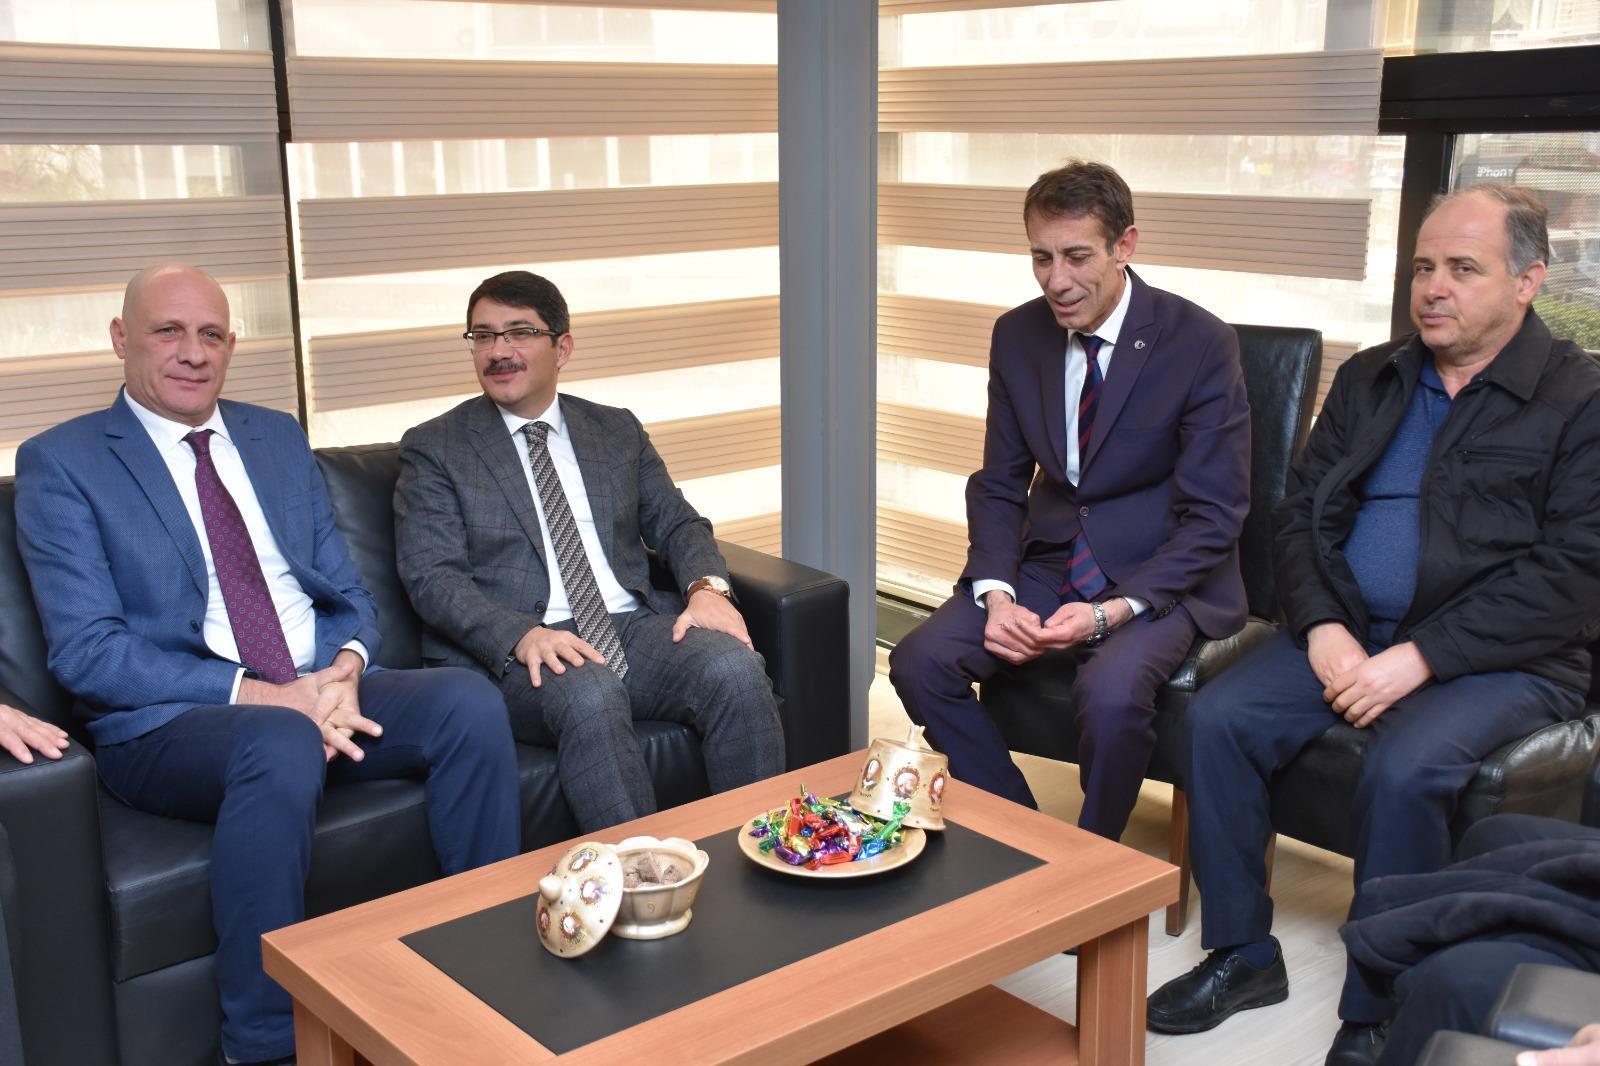 Şehzadeler Belediye Başkanı ve Cumhur İttifakı Şehzadeler Adayı Ömer Faruk Çelik'ten Sivil Toplum Kuruluşlarına Ziyaret